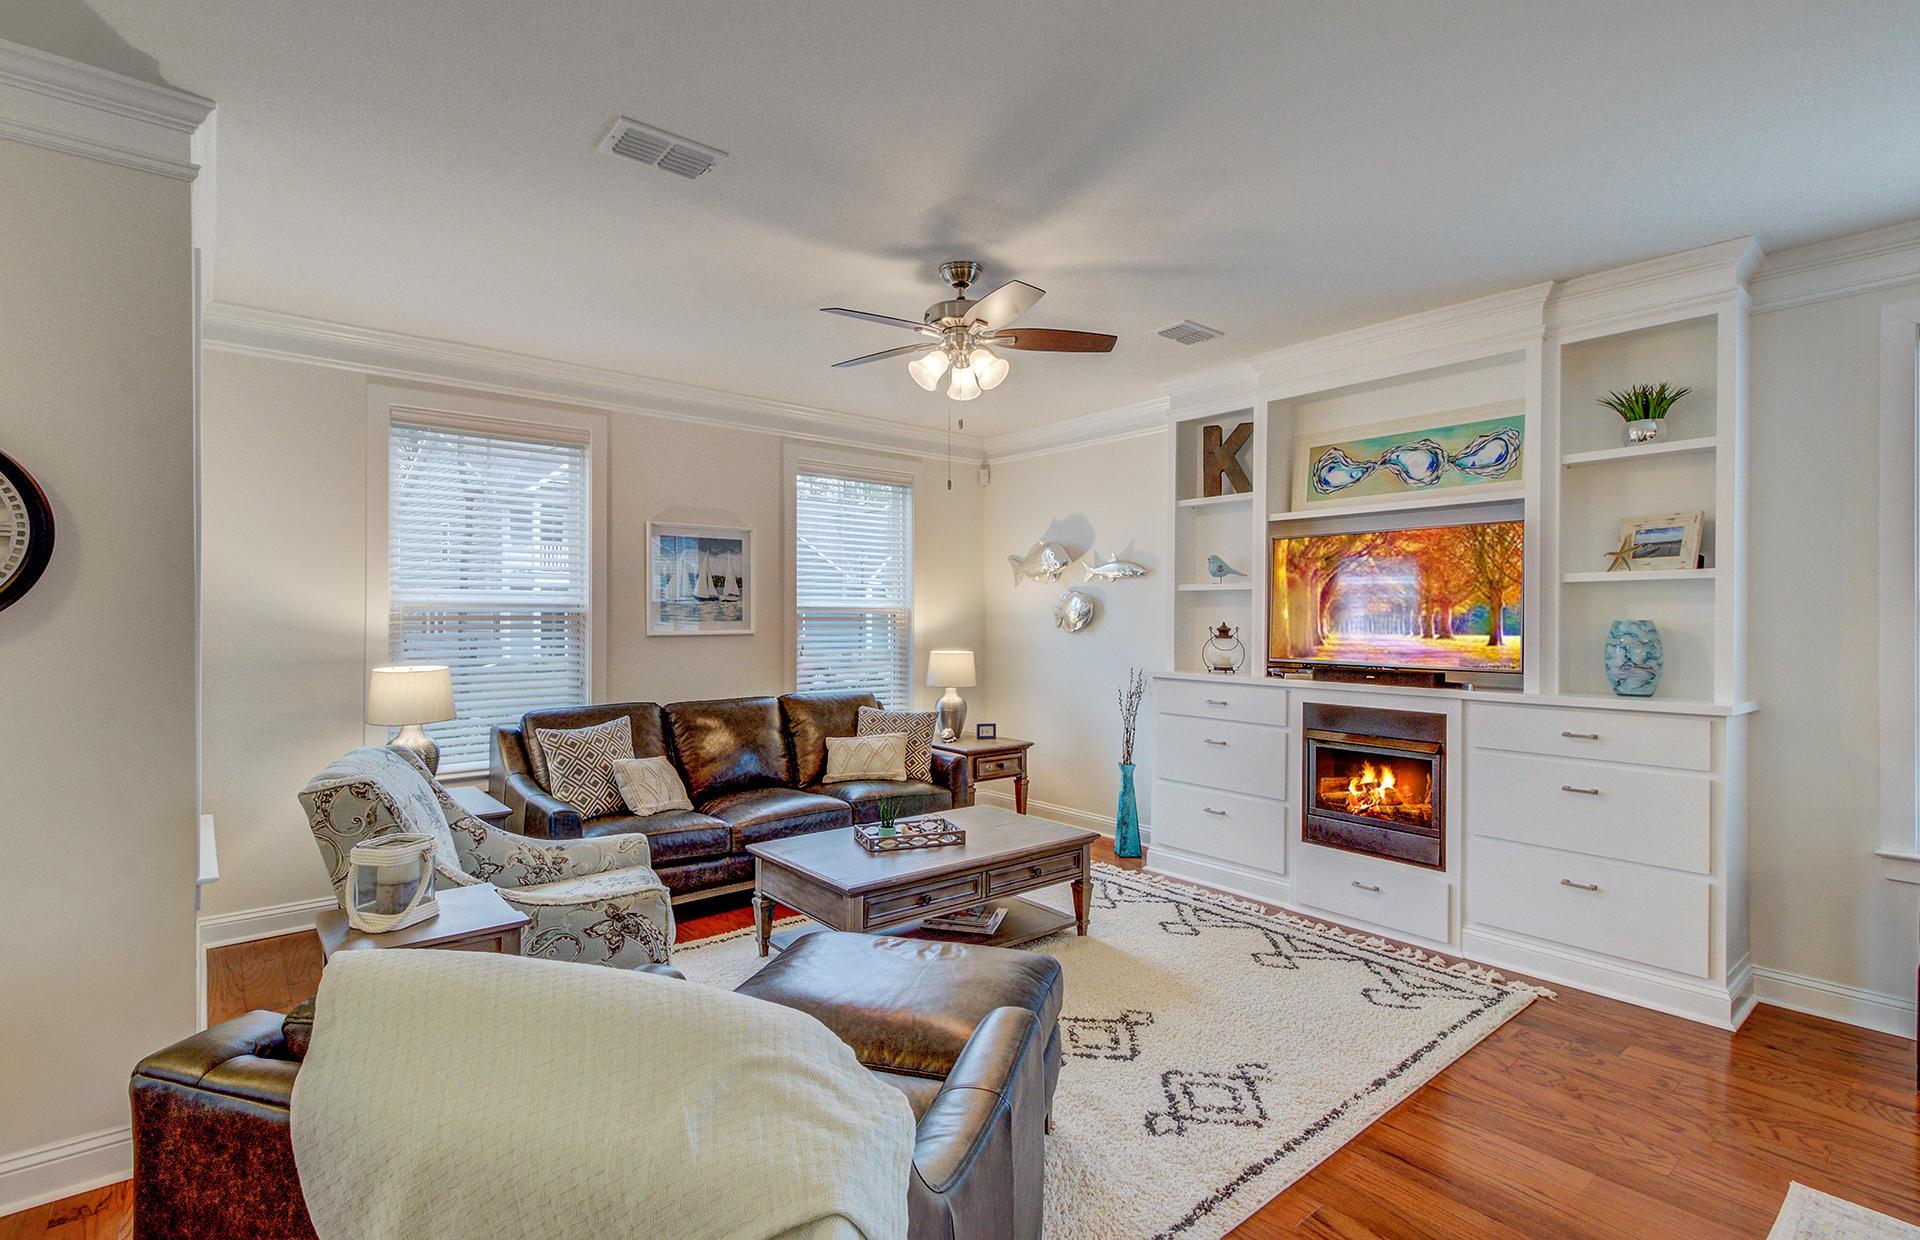 Boltons Landing Homes For Sale - 3143 Moonlight, Charleston, SC - 33